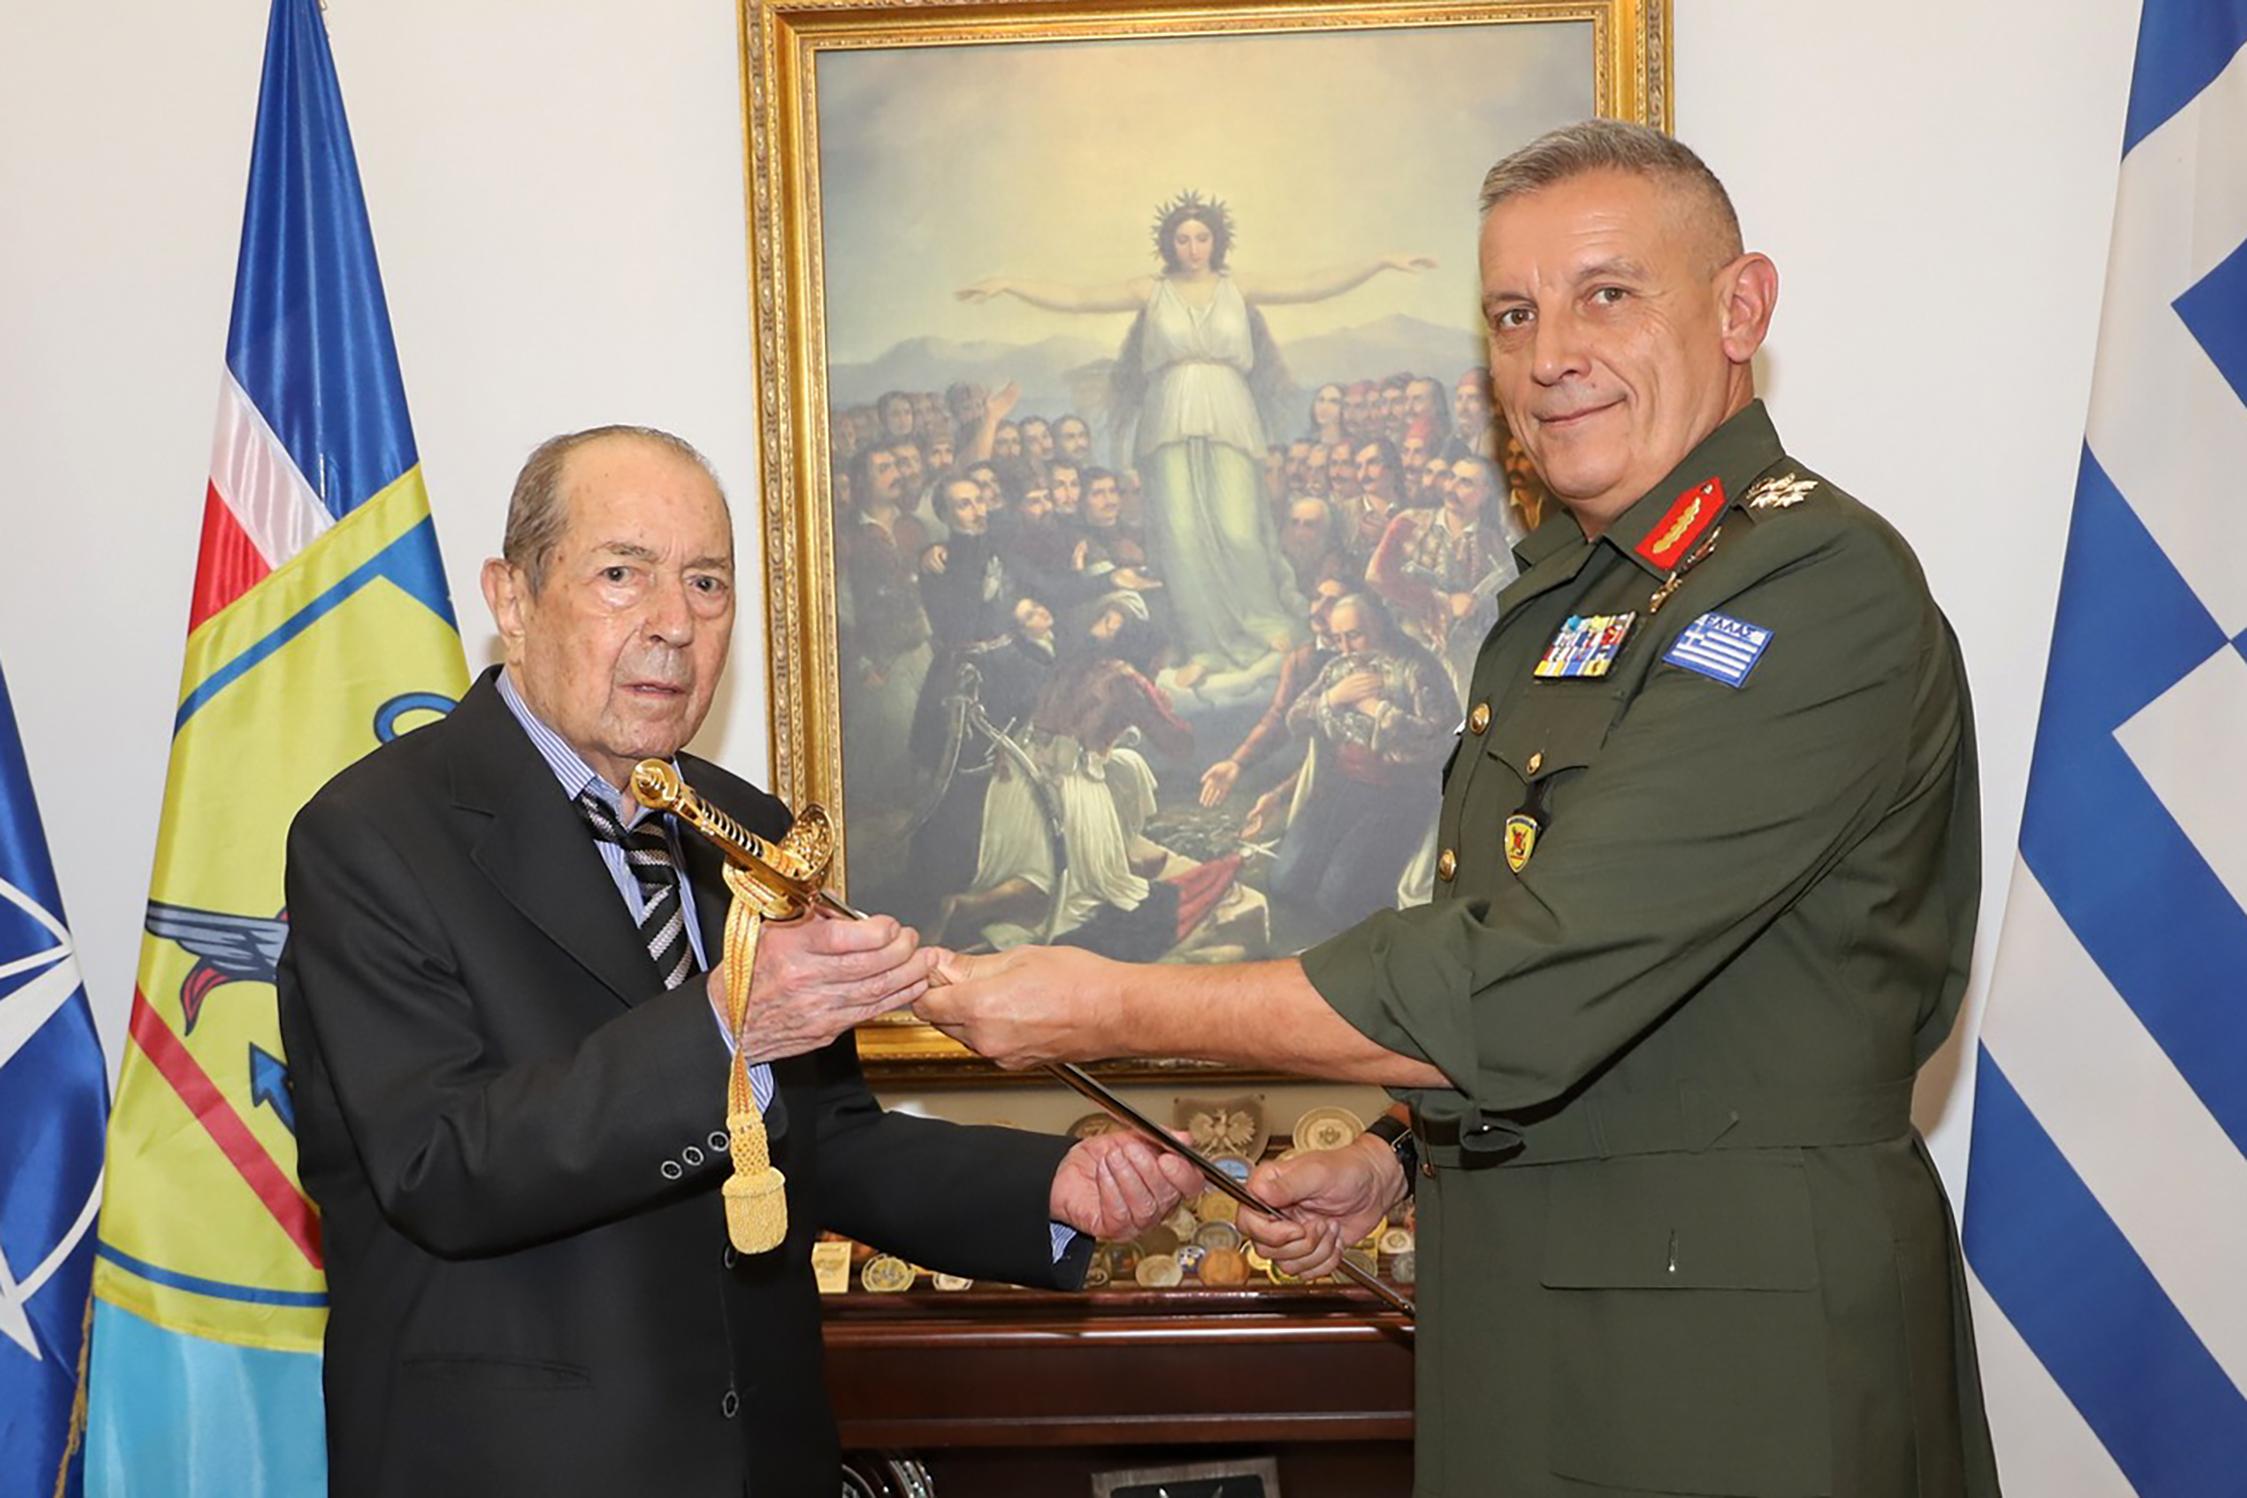 Εφοπλιστής δώρισε όλη την περιουσία του στις Ένοπλες Δυνάμεις – Το «ευχαριστώ» της Βουλής